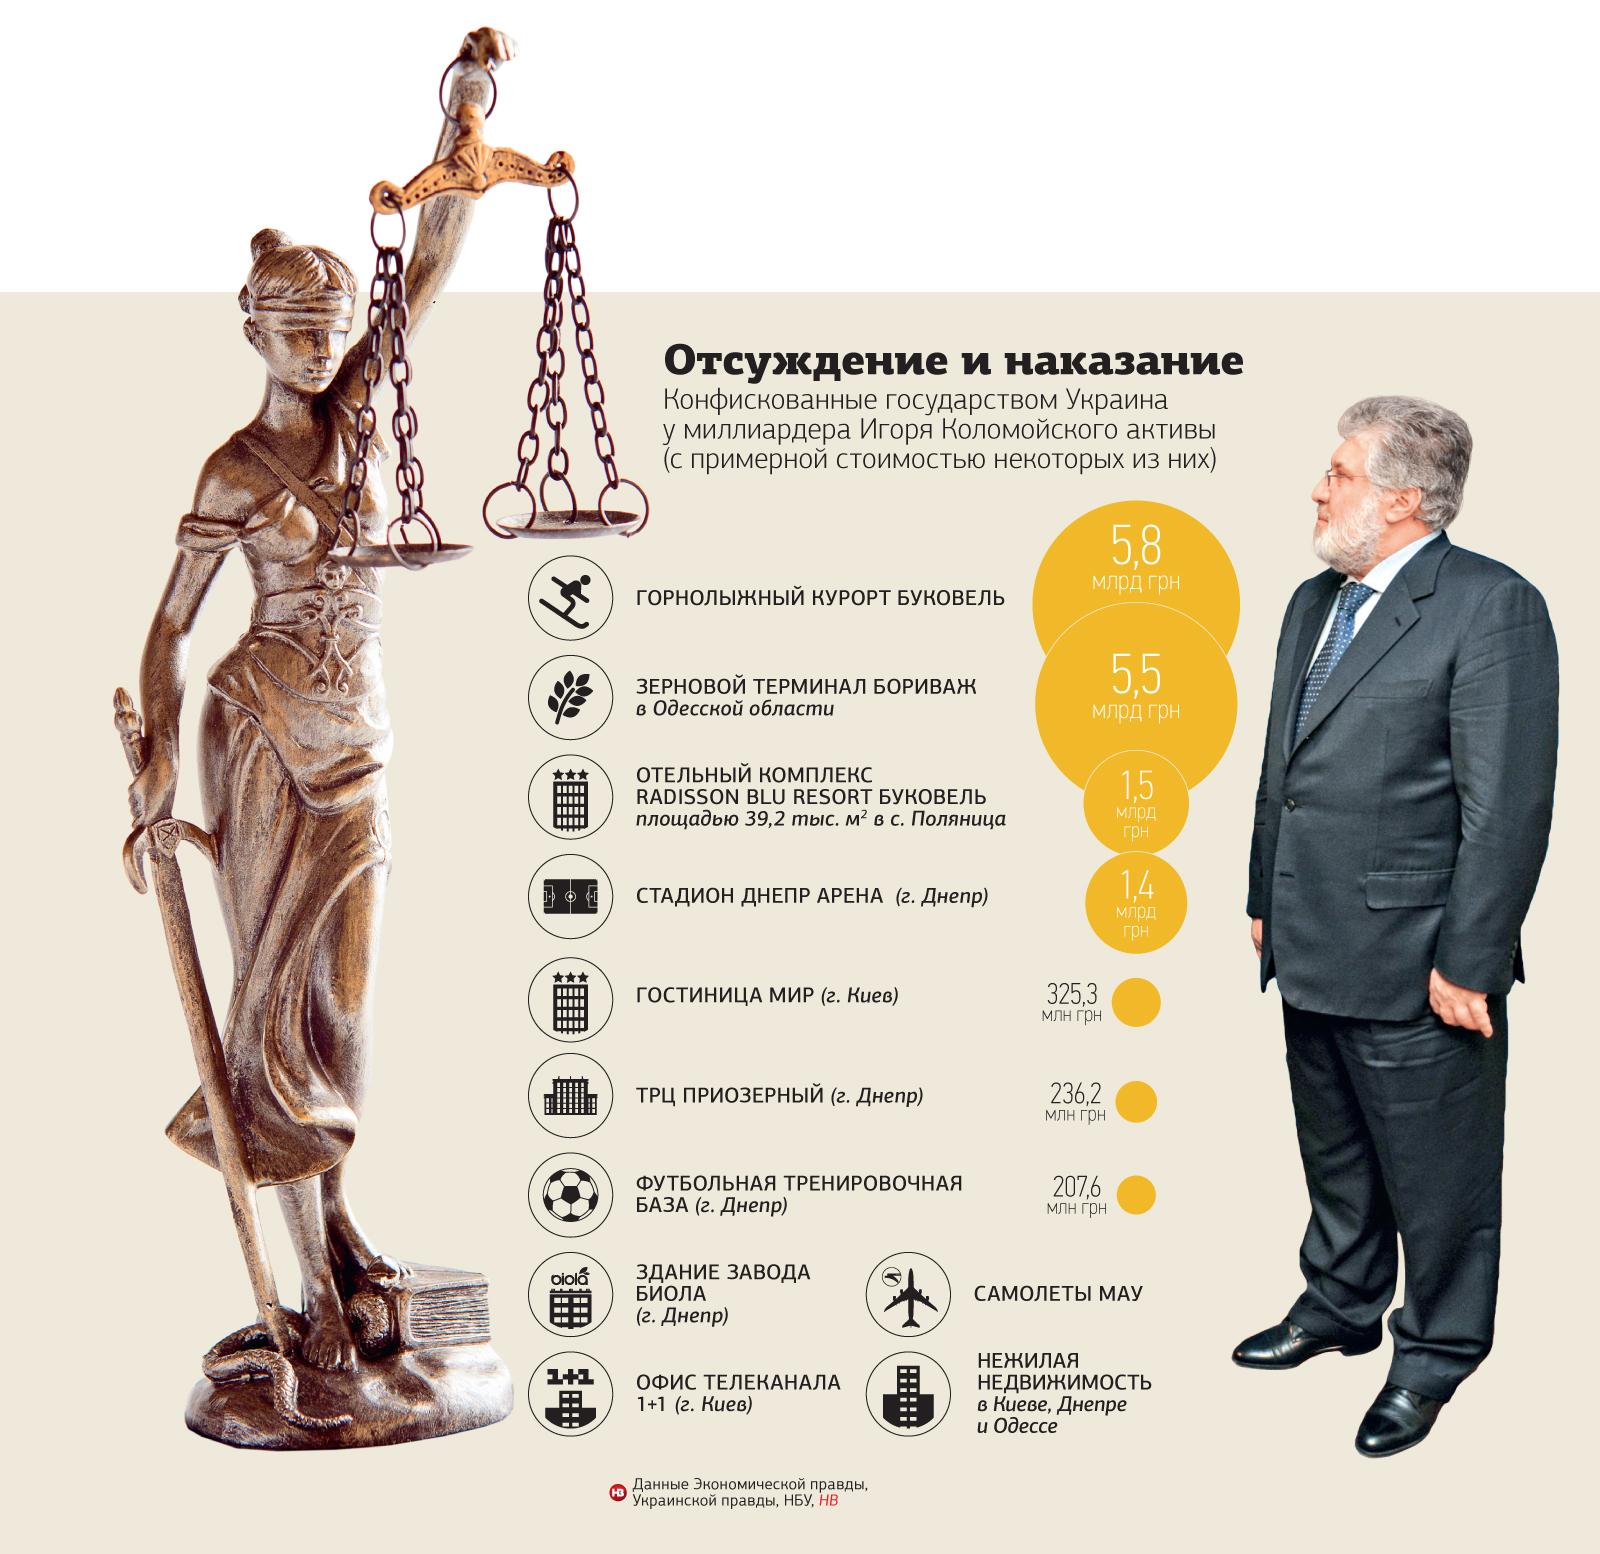 ФБР ведет расследование против Коломойского, – СМИ - Цензор.НЕТ 8216